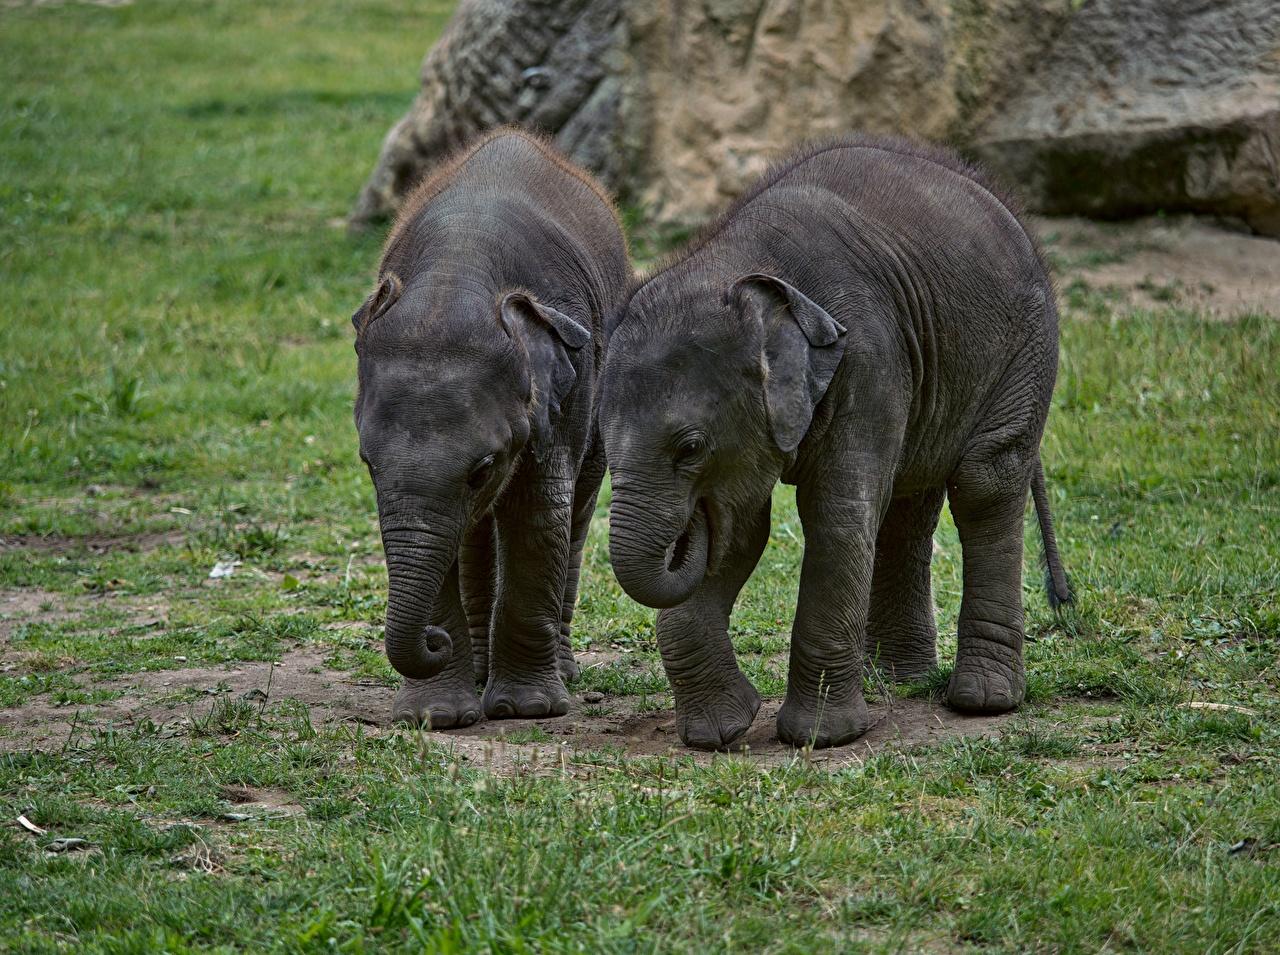 Картинка Слоны Детеныши 2 Трава Животные слон два две Двое вдвоем траве животное